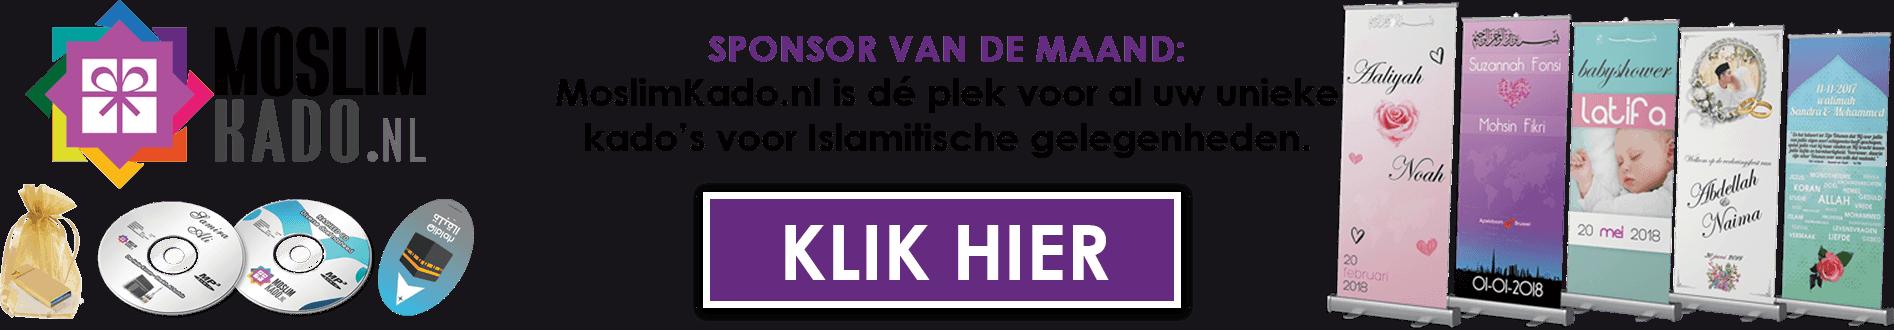 MoslimKado Banner Sponsor Hijama website